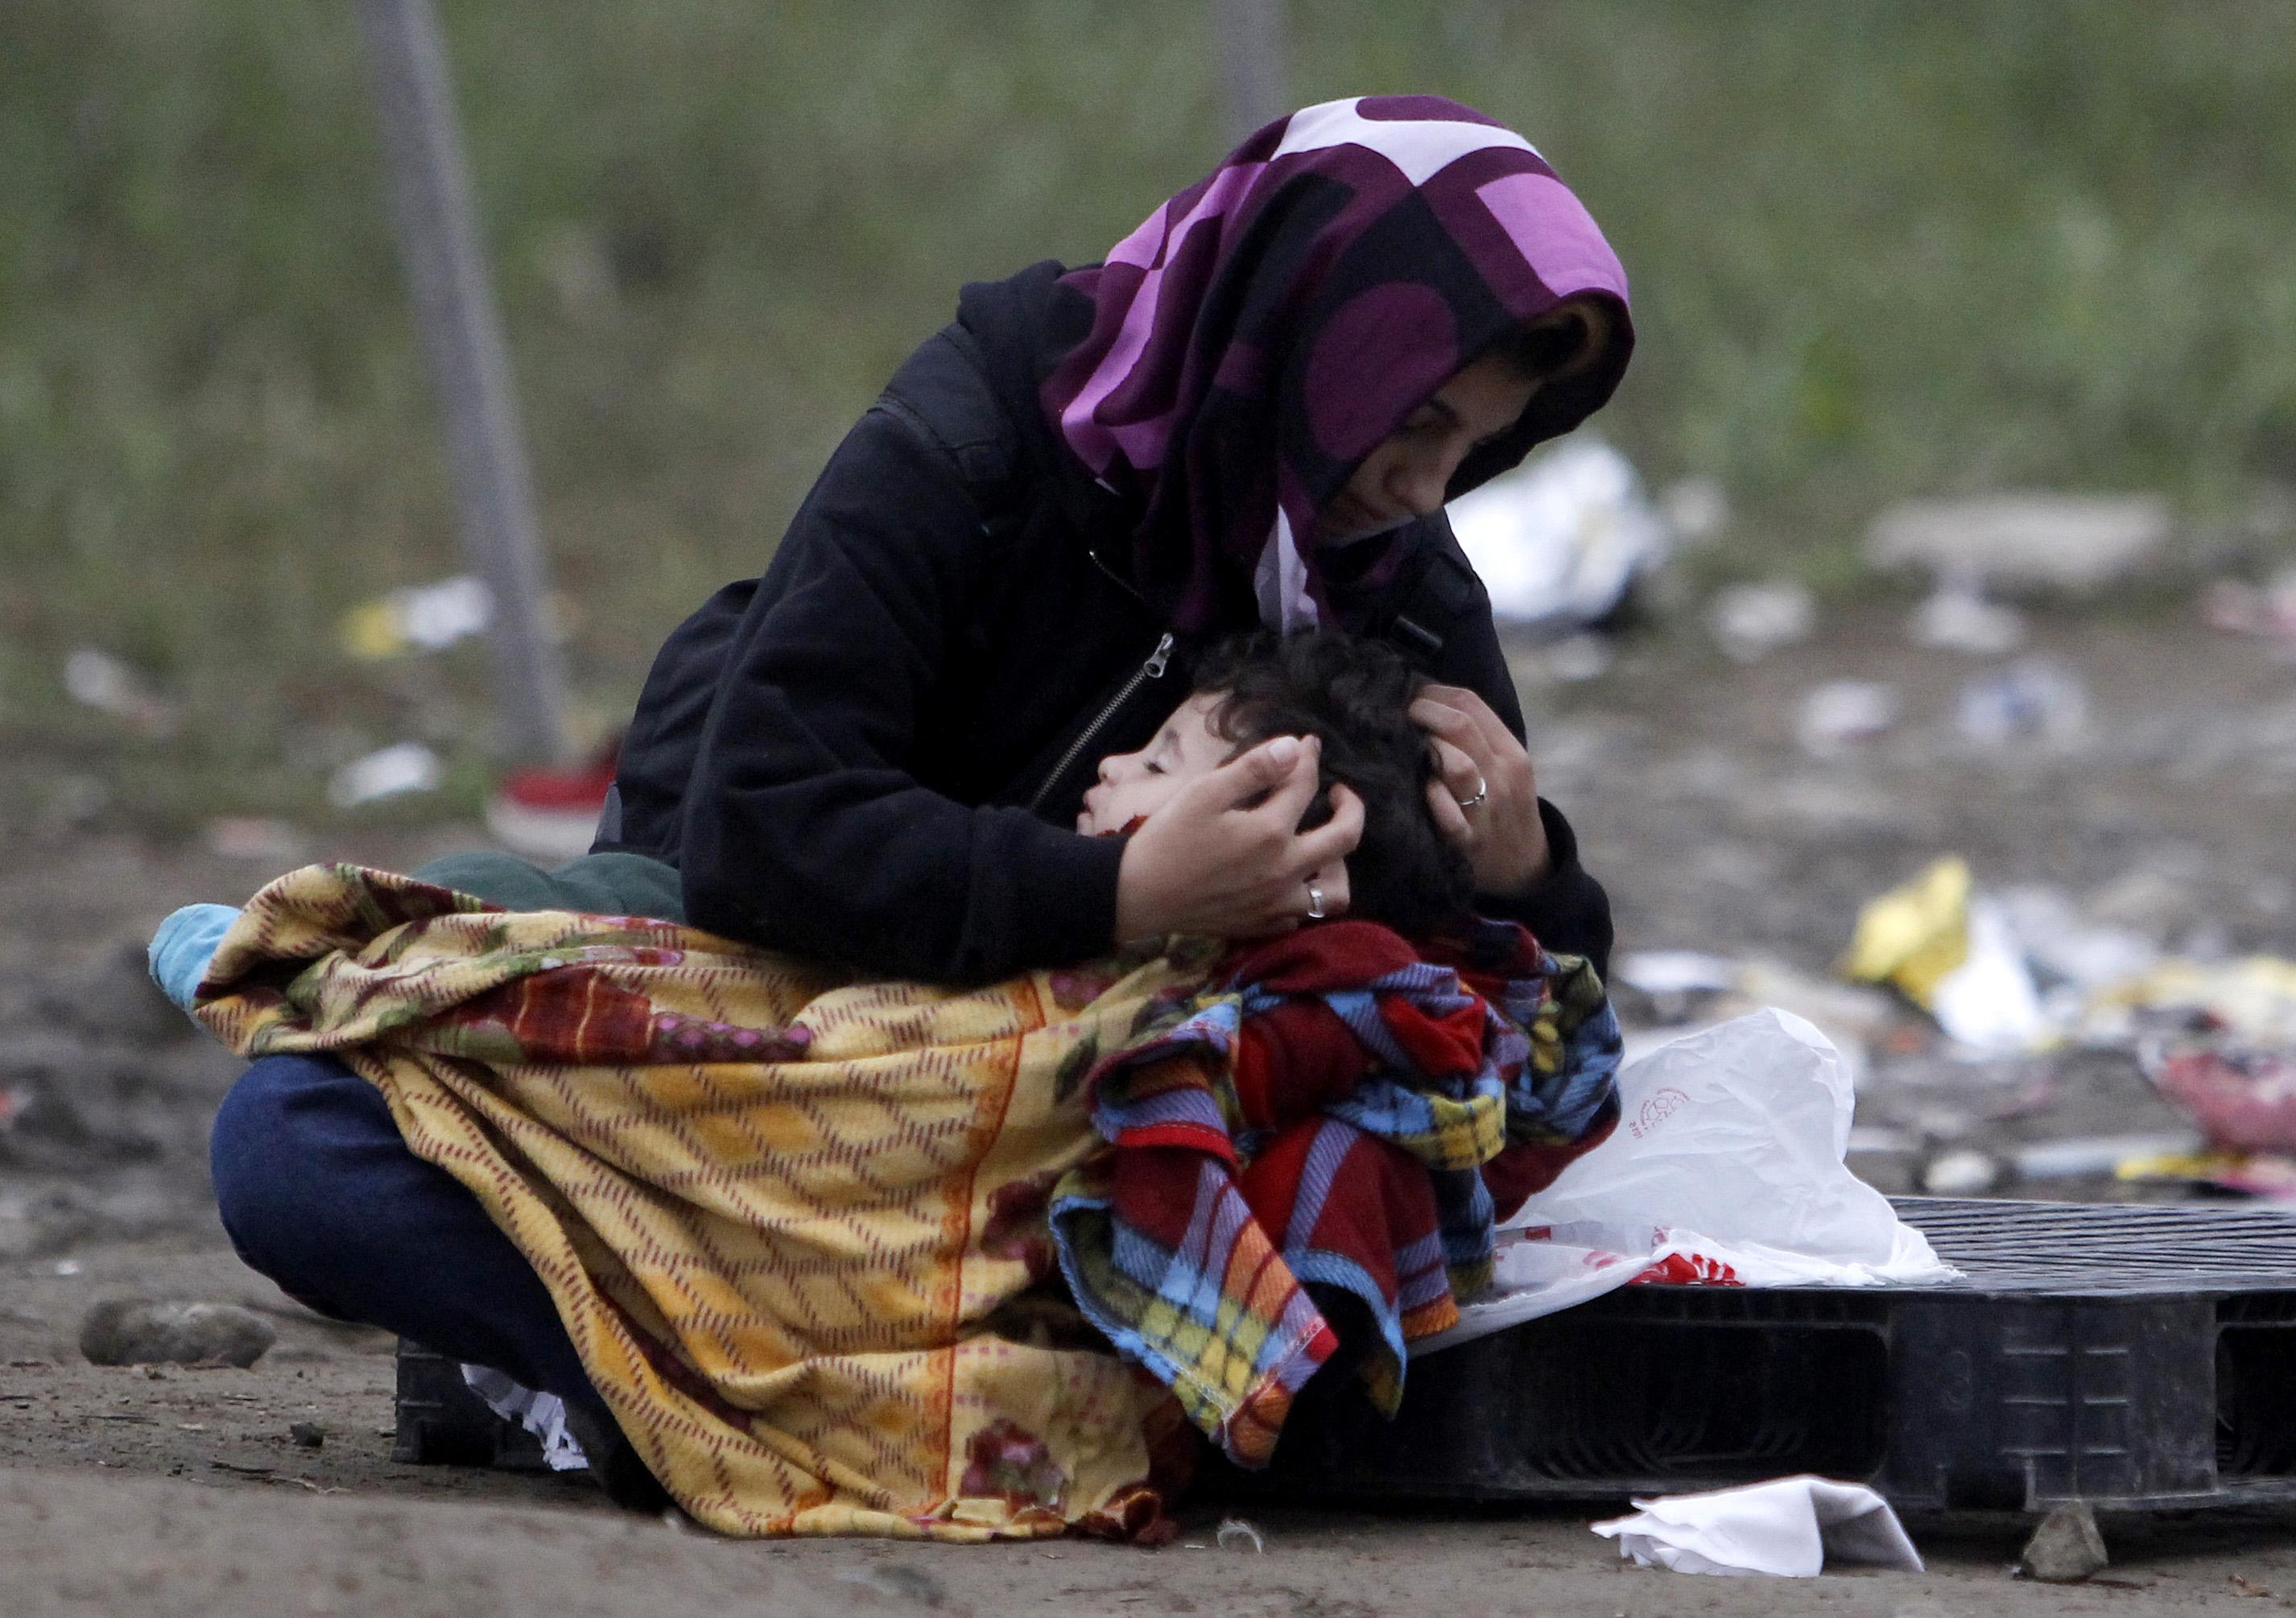 馬其頓難民營裡,一位女性輕柔地哄著孩子入睡。(美聯社)